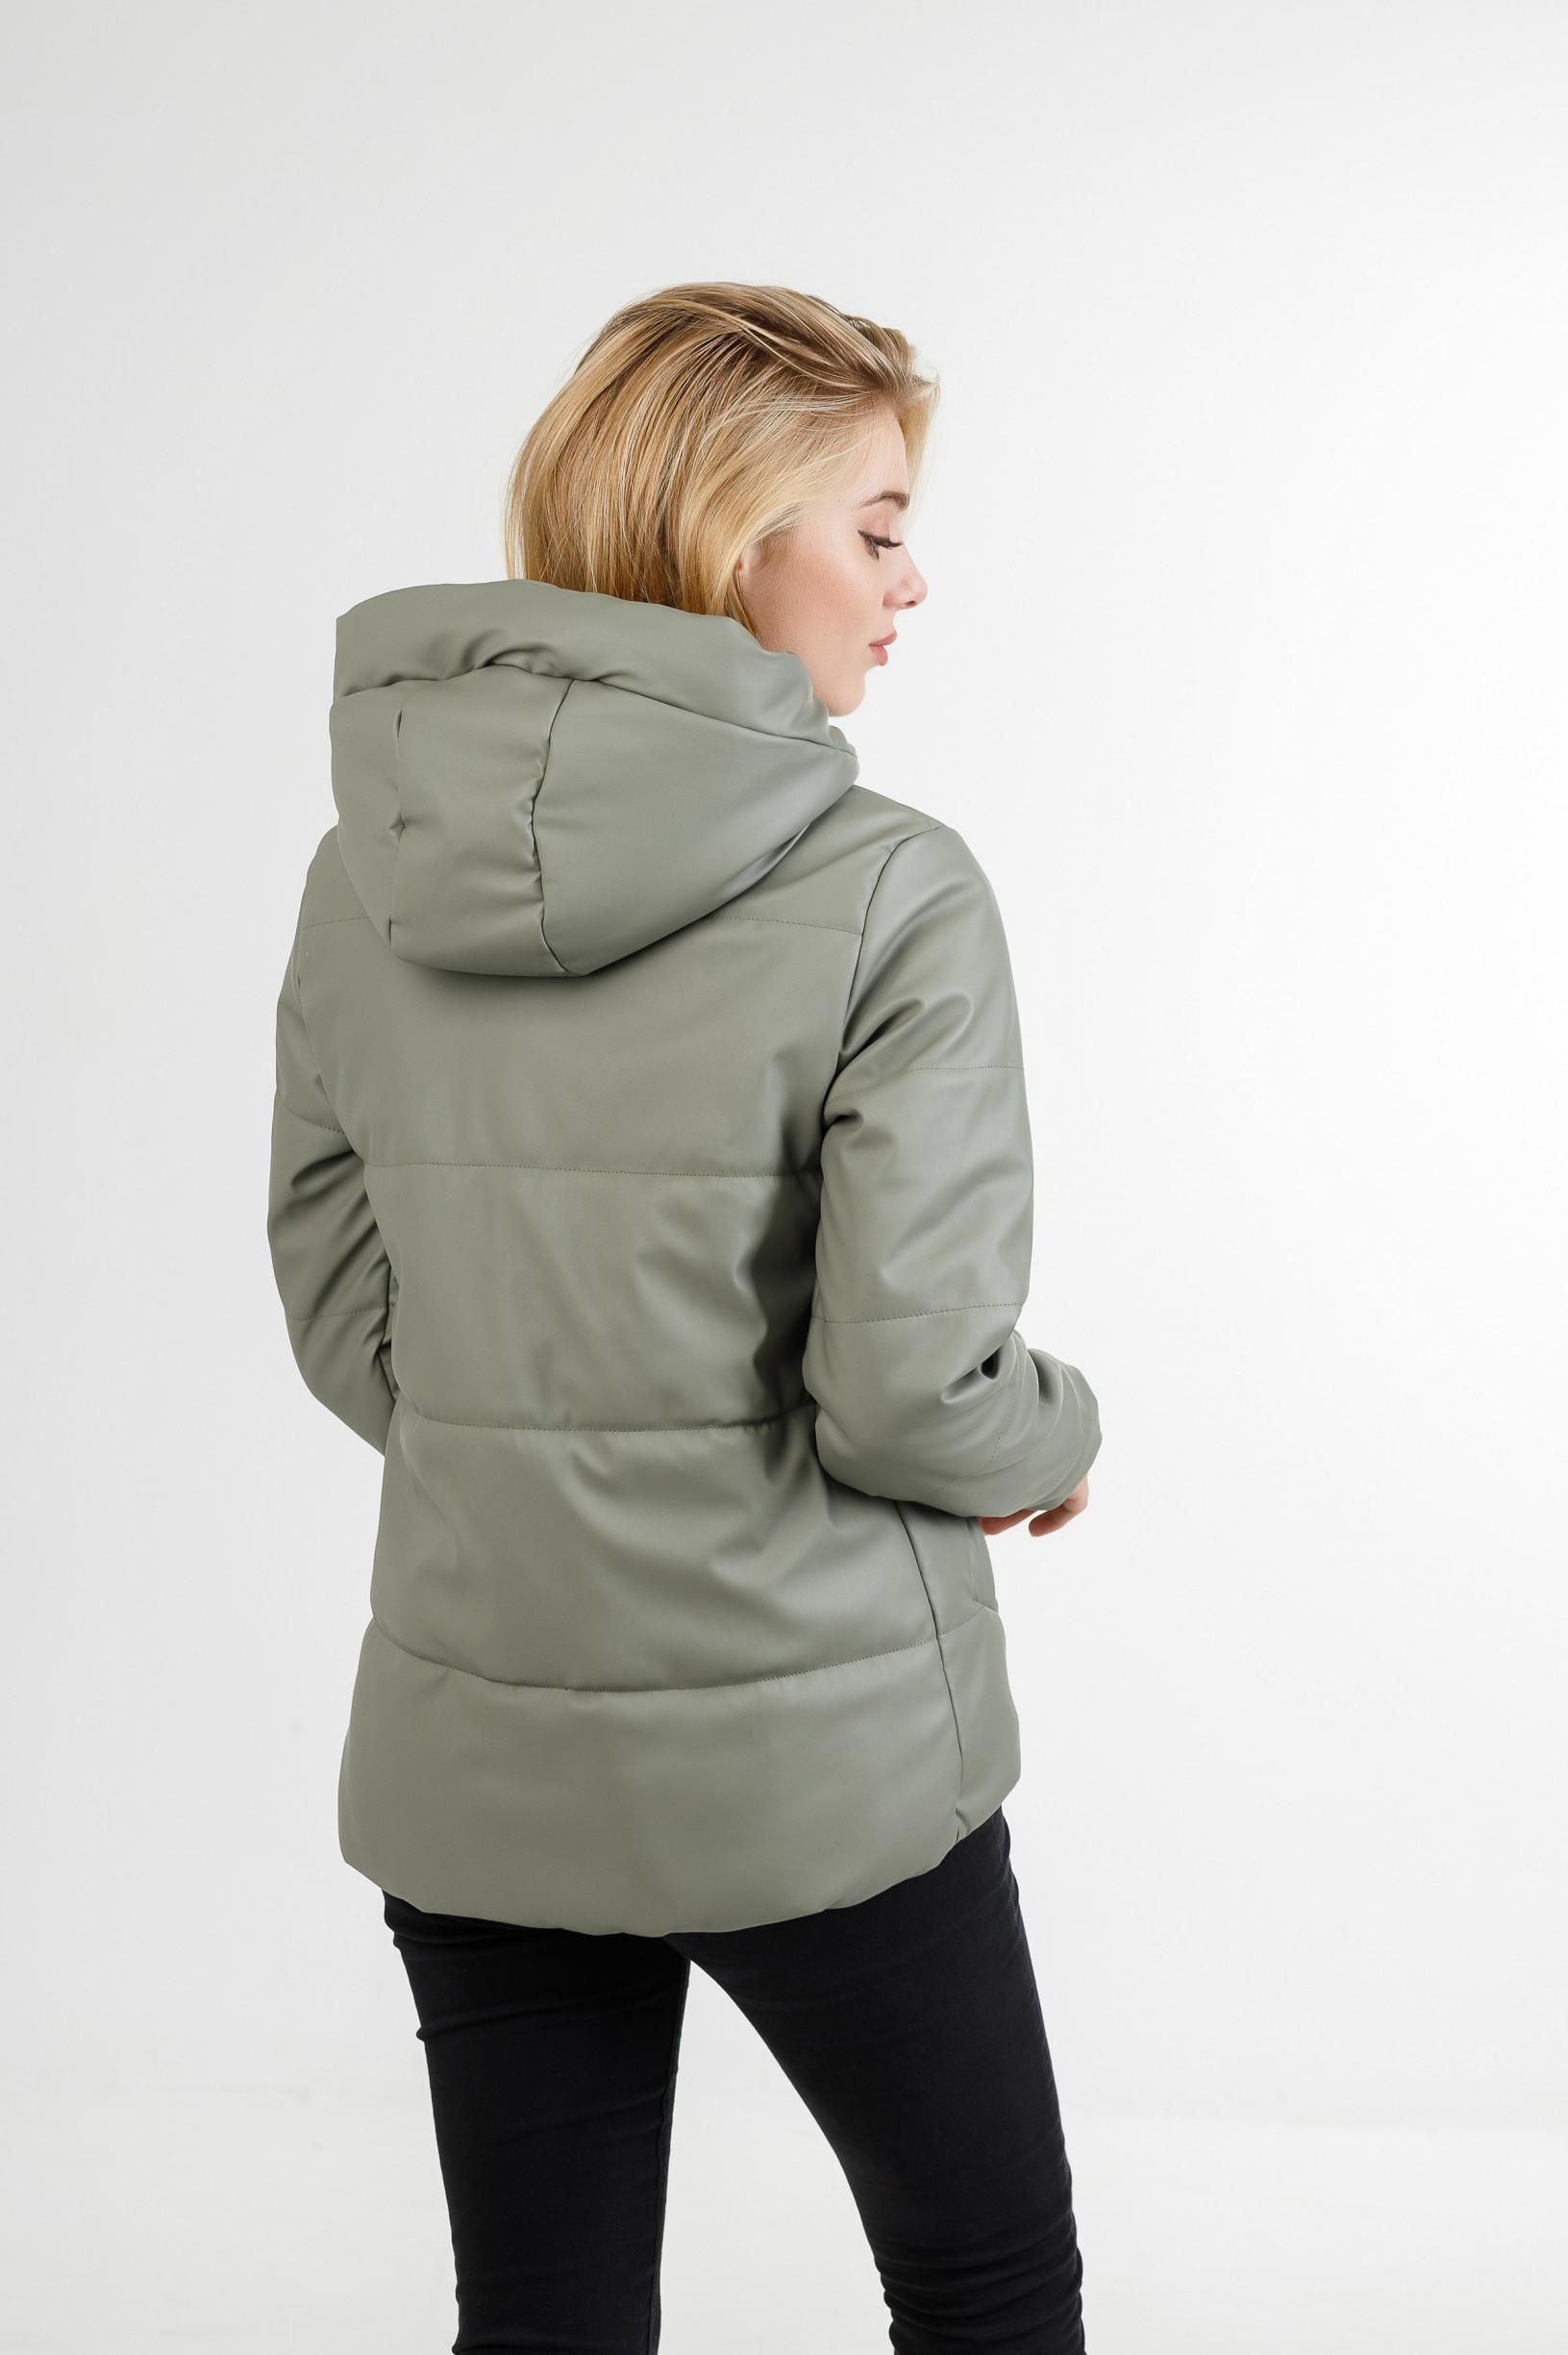 Полуспортивная демисезонная куртка Тутси из эко-кожи мятная